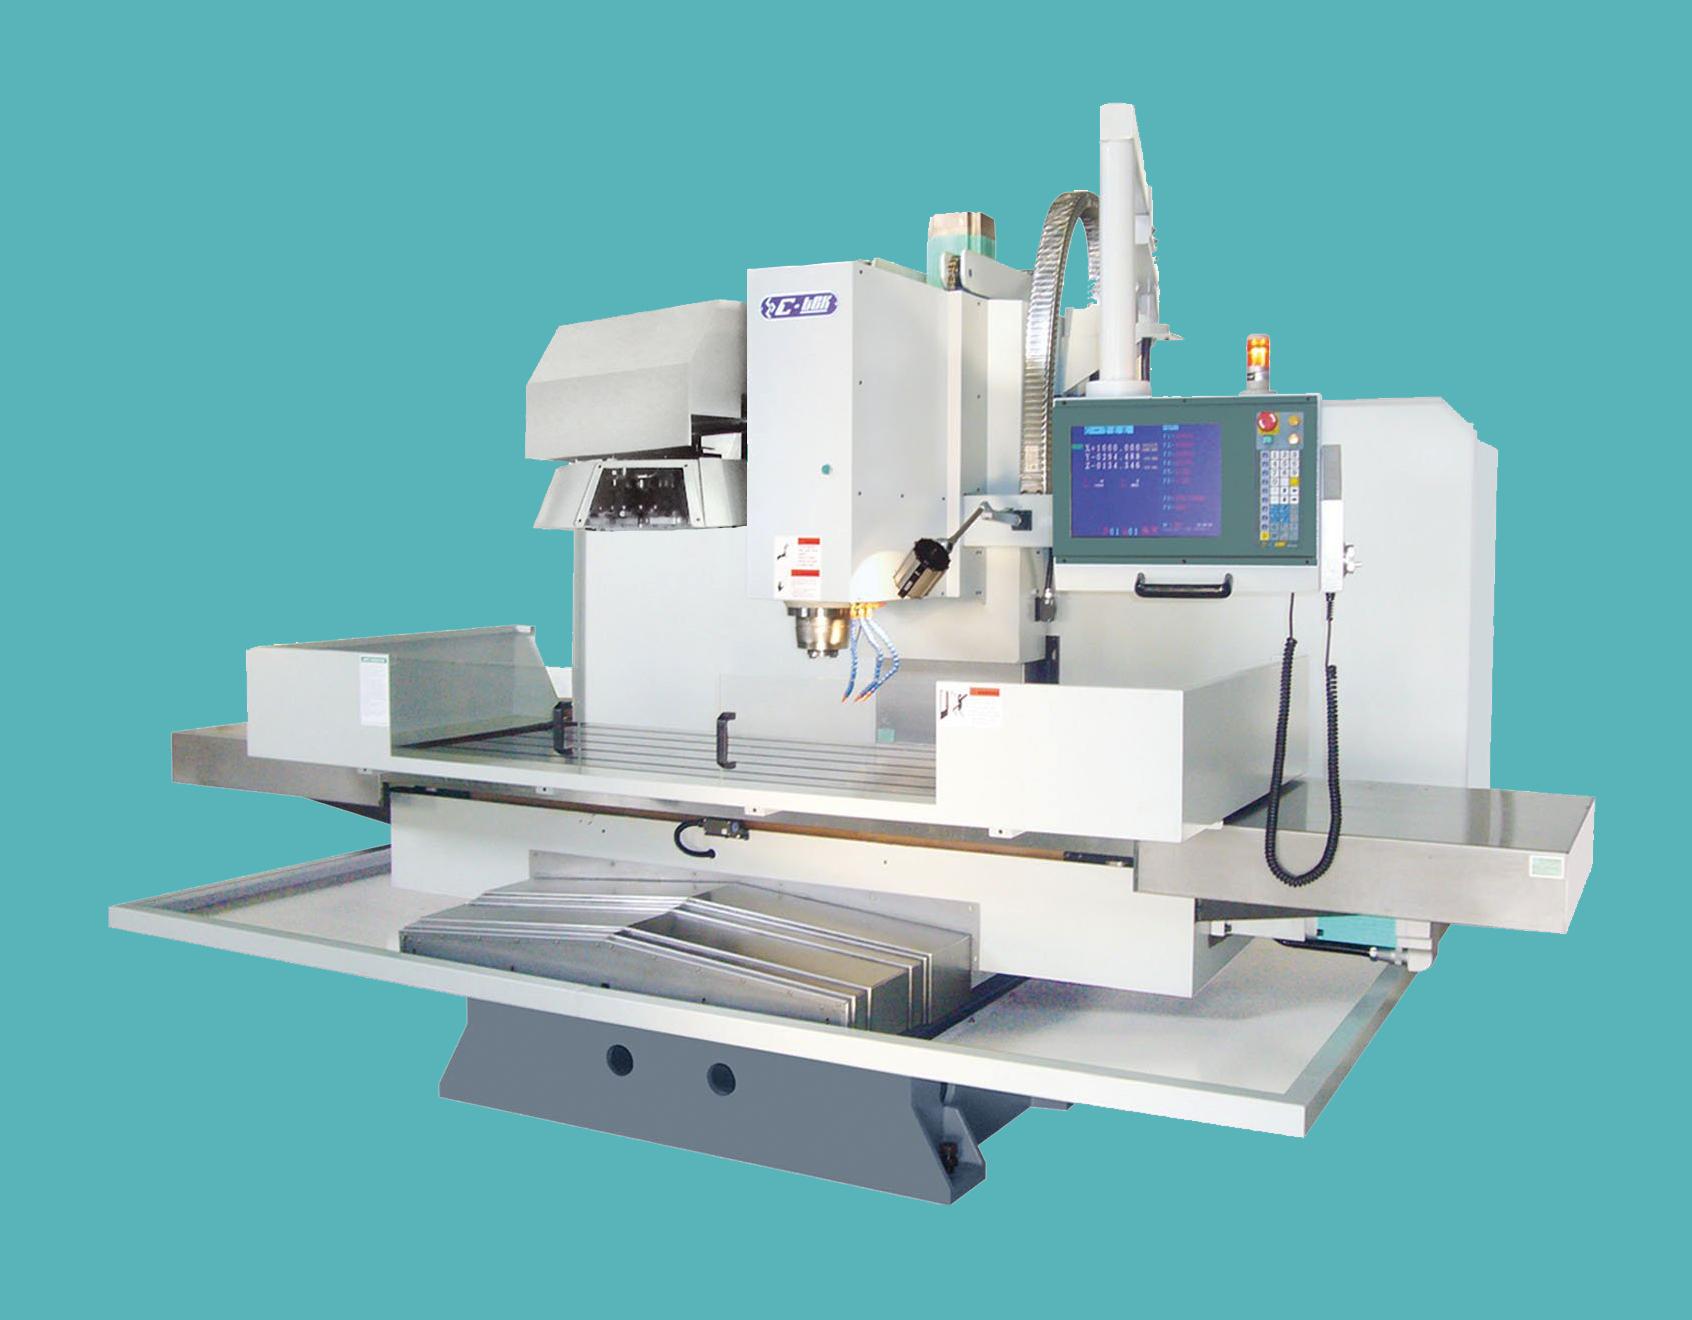 Ctek KM-150D and KM-150L